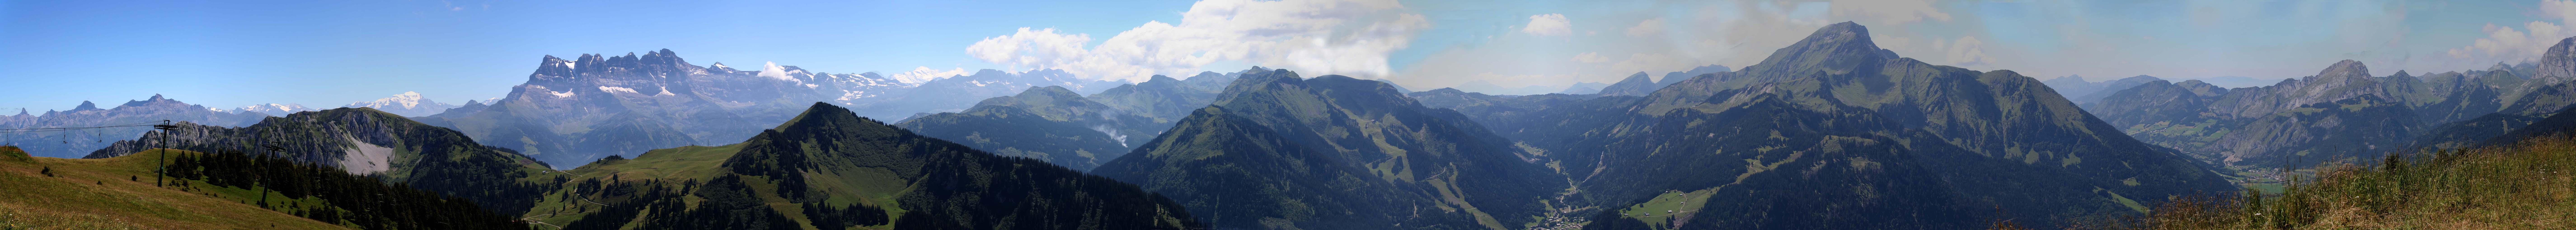 Chatel : Les dents du midi - Le mont Blanc